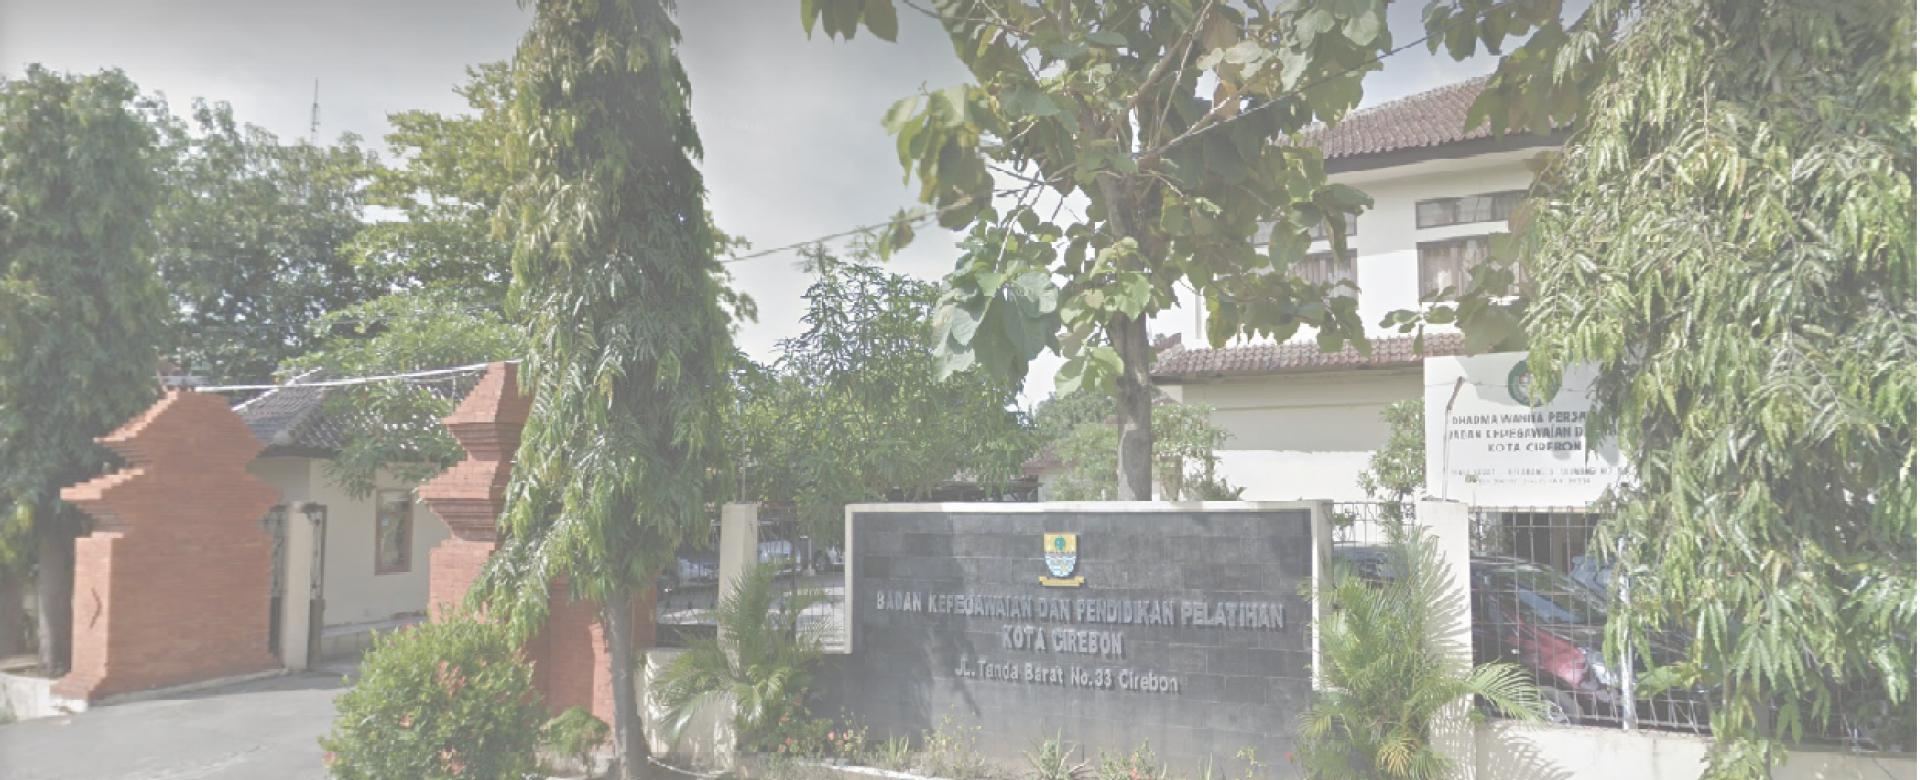 Badan Kepegawaian dan Pengembangan Sumber Daya Manusia Kota Cirebon